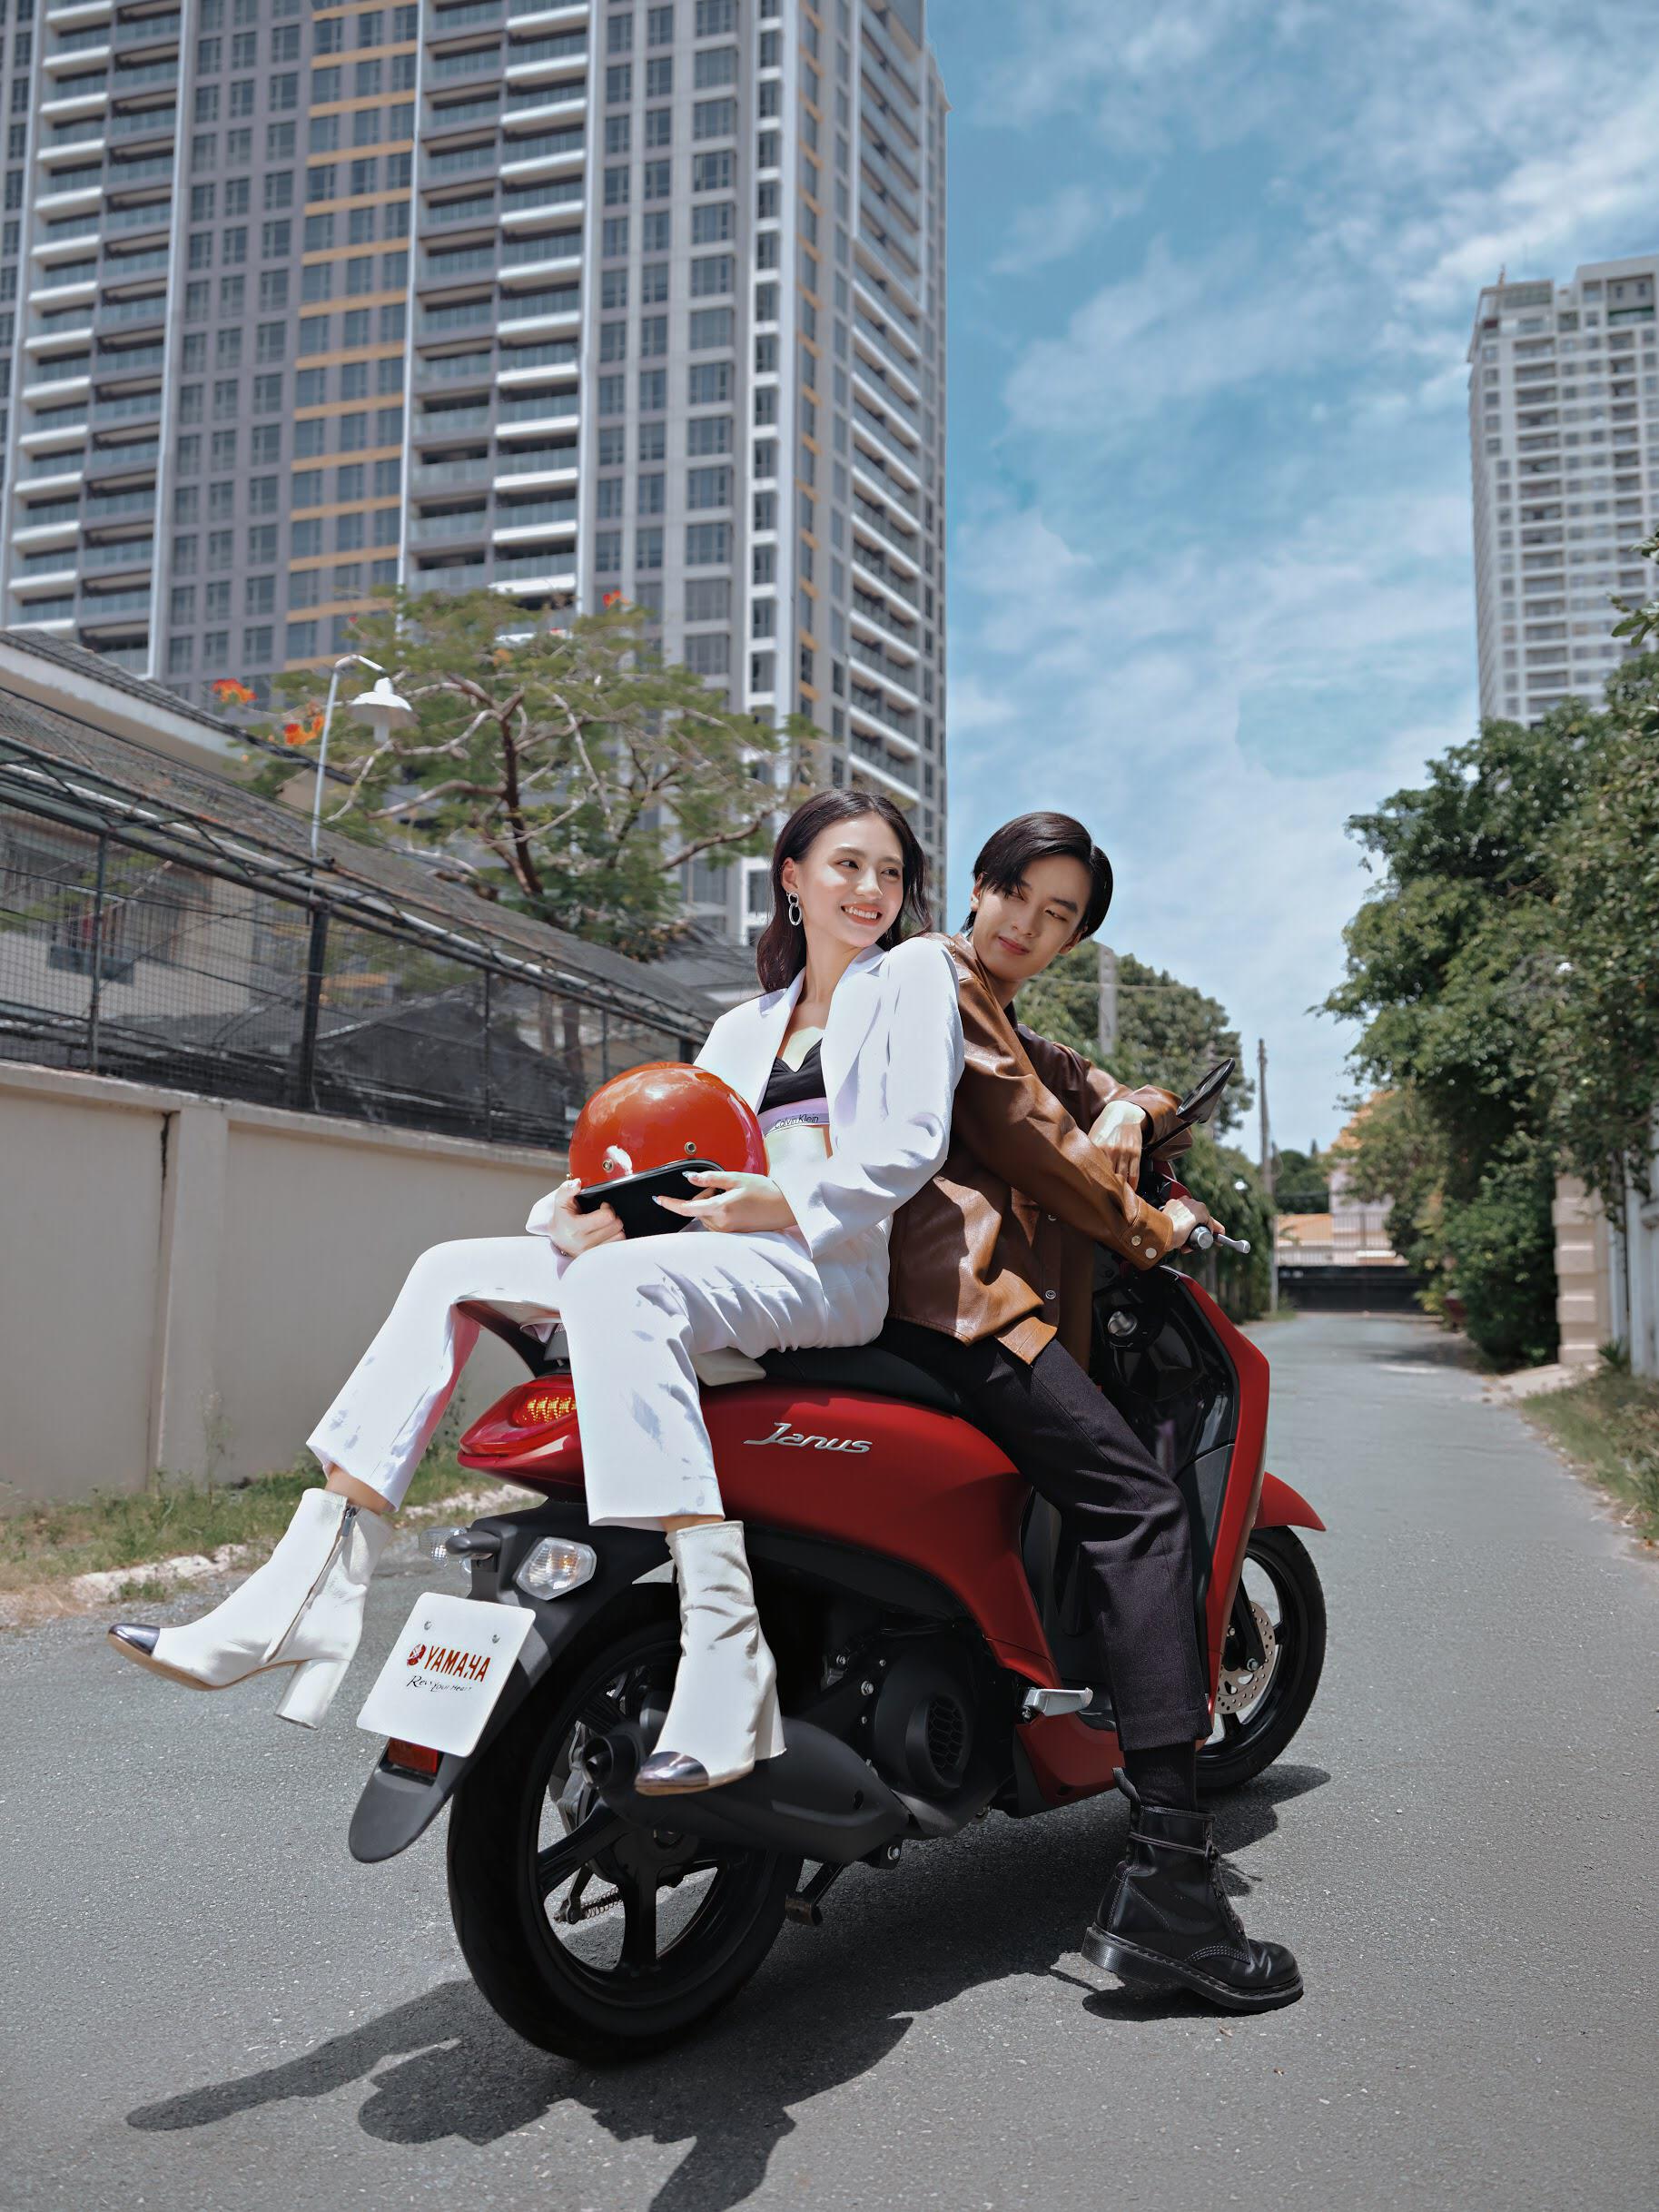 """Bật mí lý do người người nhà nhà """"đổ xô"""" đi mua xe máy Yamaha trong dịp Tết Canh Tý 2020 - Ảnh 2."""